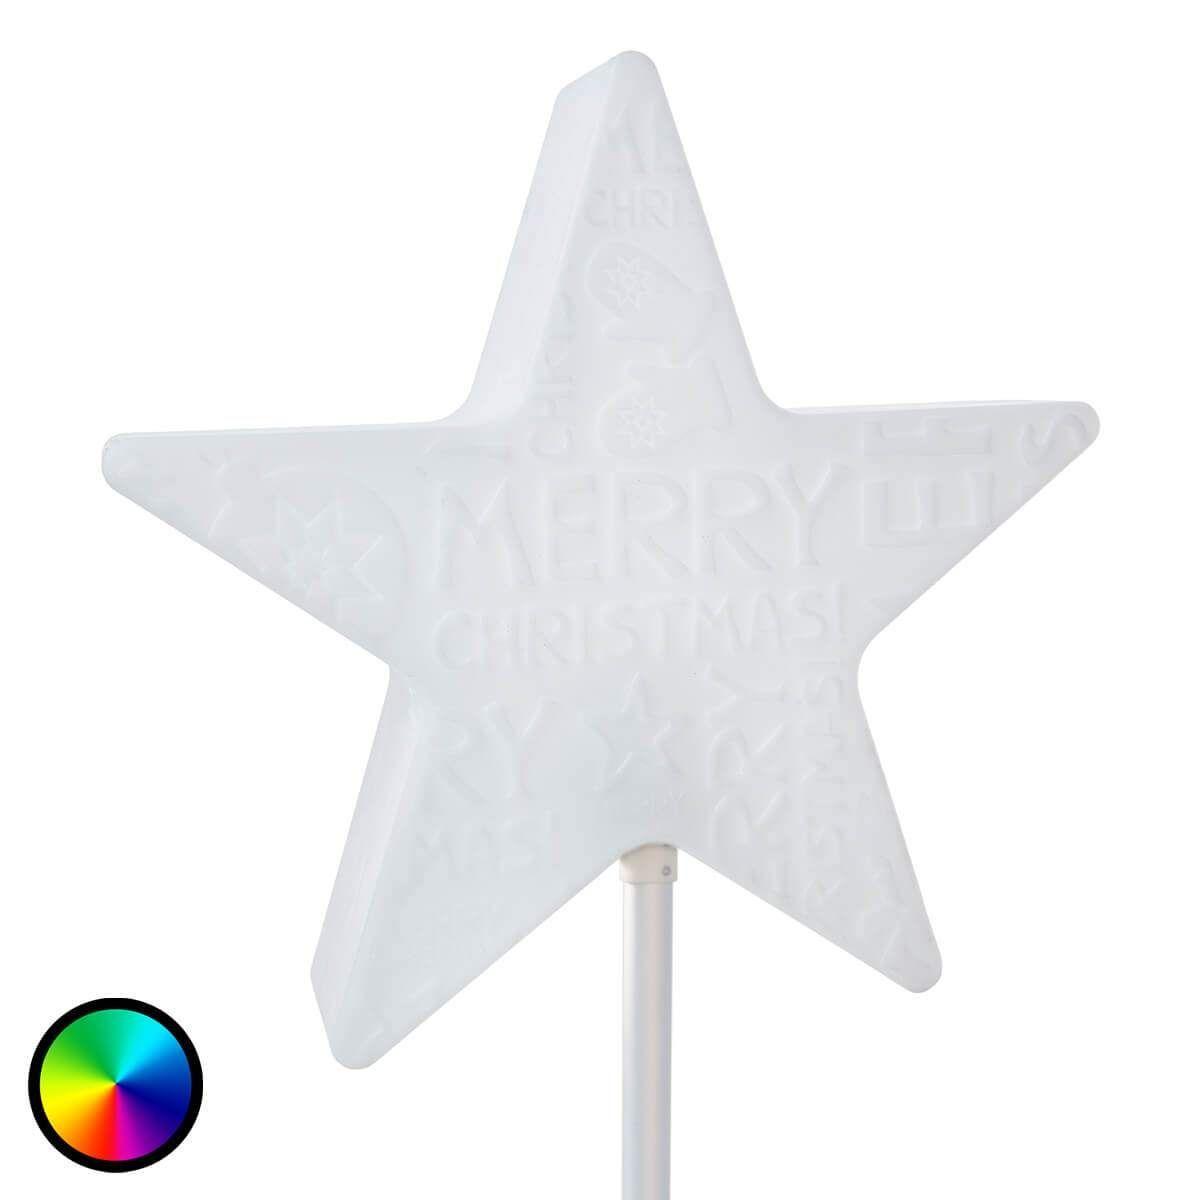 Moderne Lampe Weihnachten Merry Christmas von 8 Seasons Weiß #merrychristmasschriftzug Merry Christmas - leuchtender Stern auf Stab von 8 Seasons #merrychristmasschriftzug